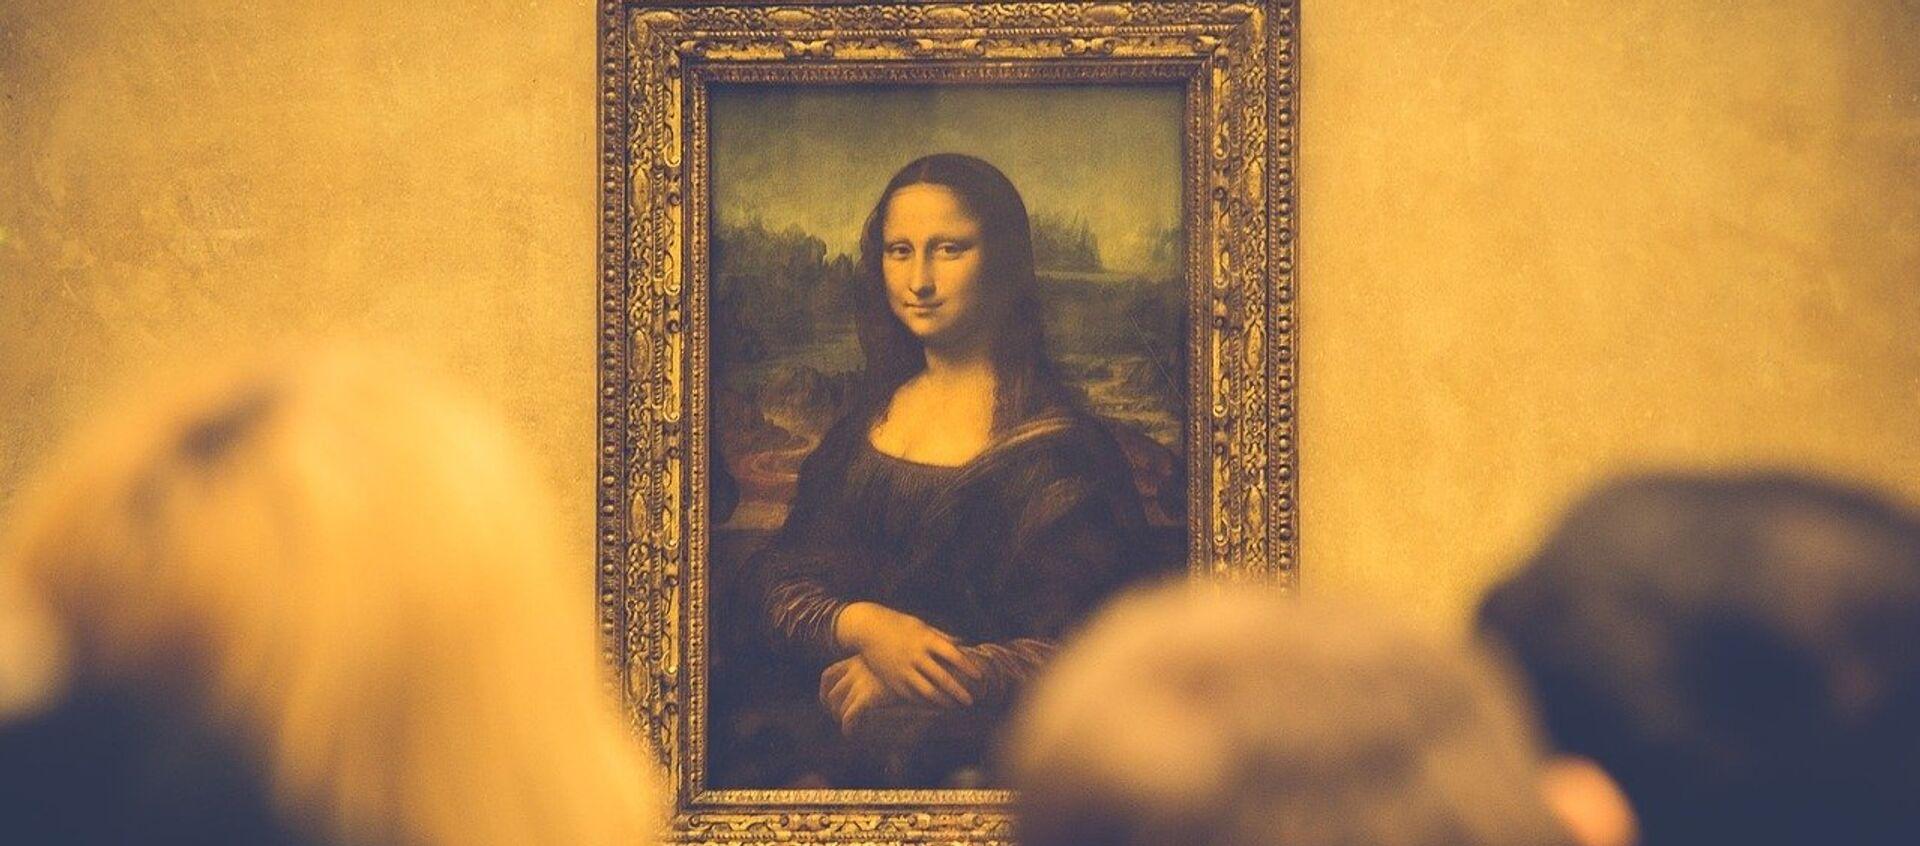 Mona Lisa, el cuadro - Sputnik Mundo, 1920, 20.11.2019